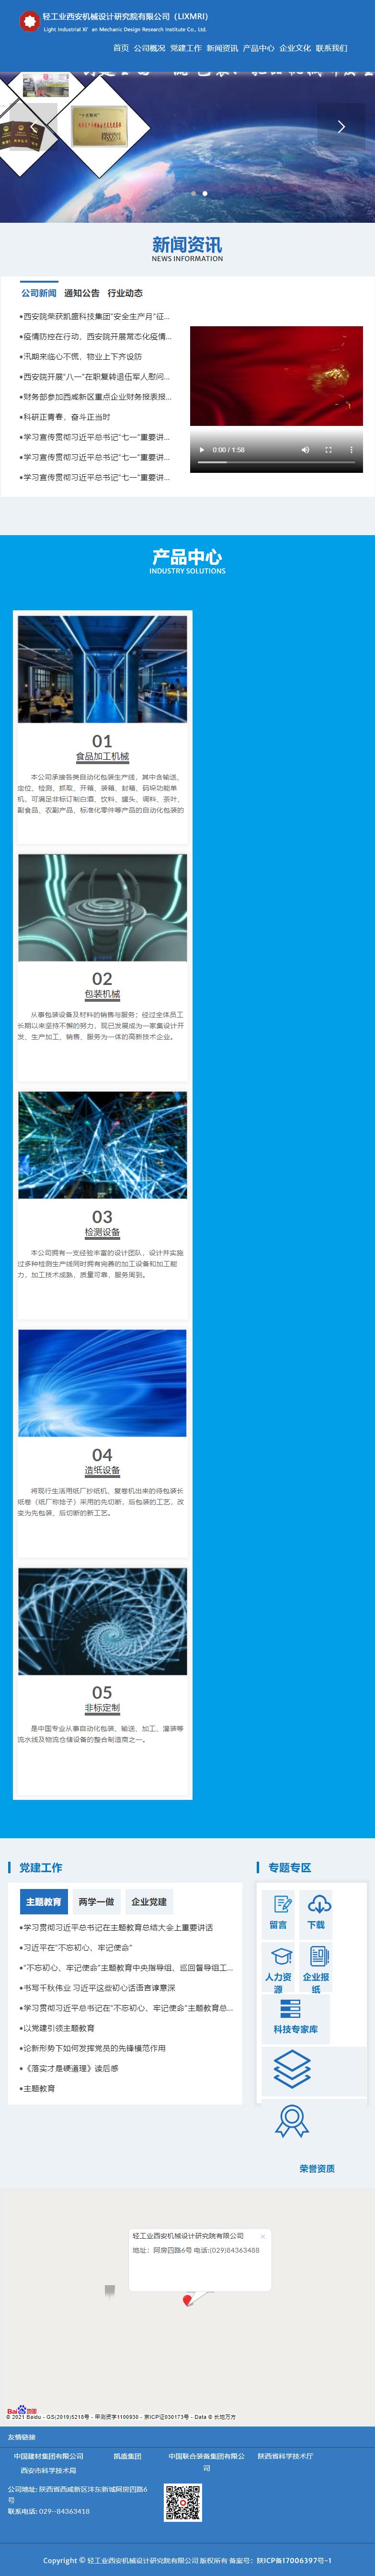 轻工业西安机械设计研究院有限公司网站案例